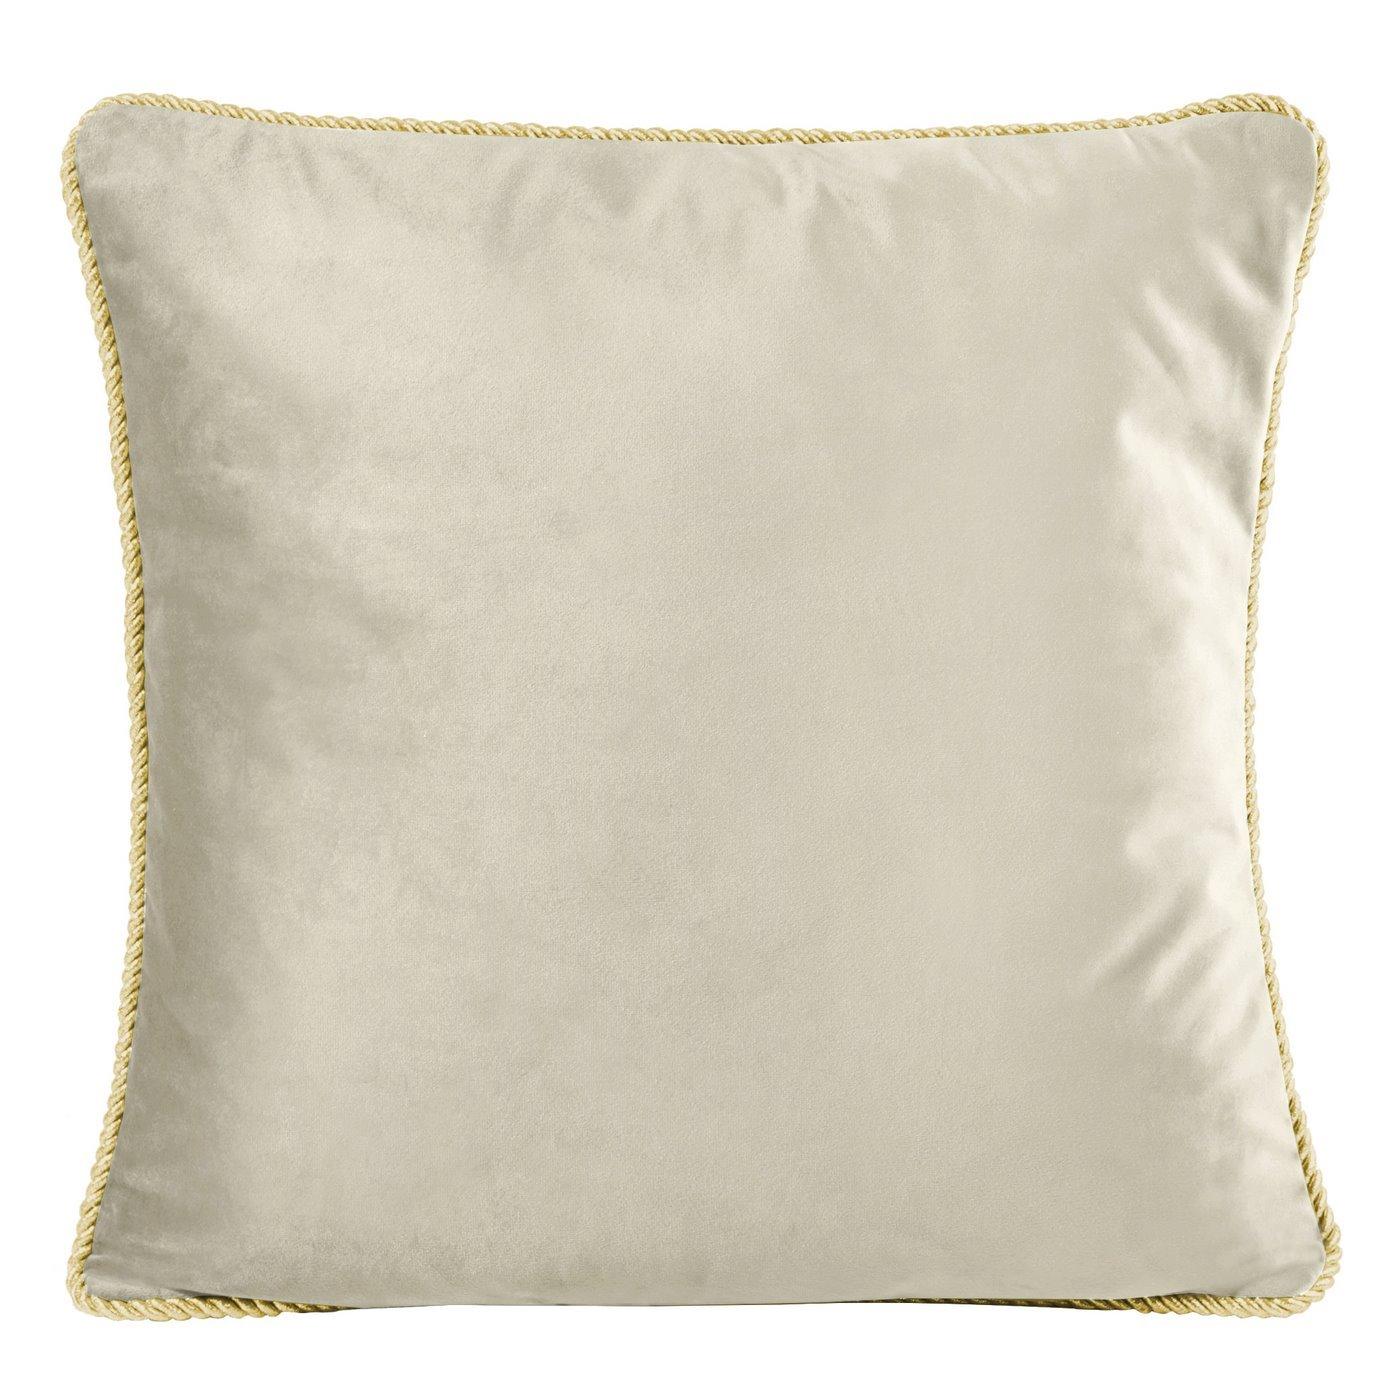 Poszewka na poduszkę welwetowa z lamówką 45 x 45 cm beżowa